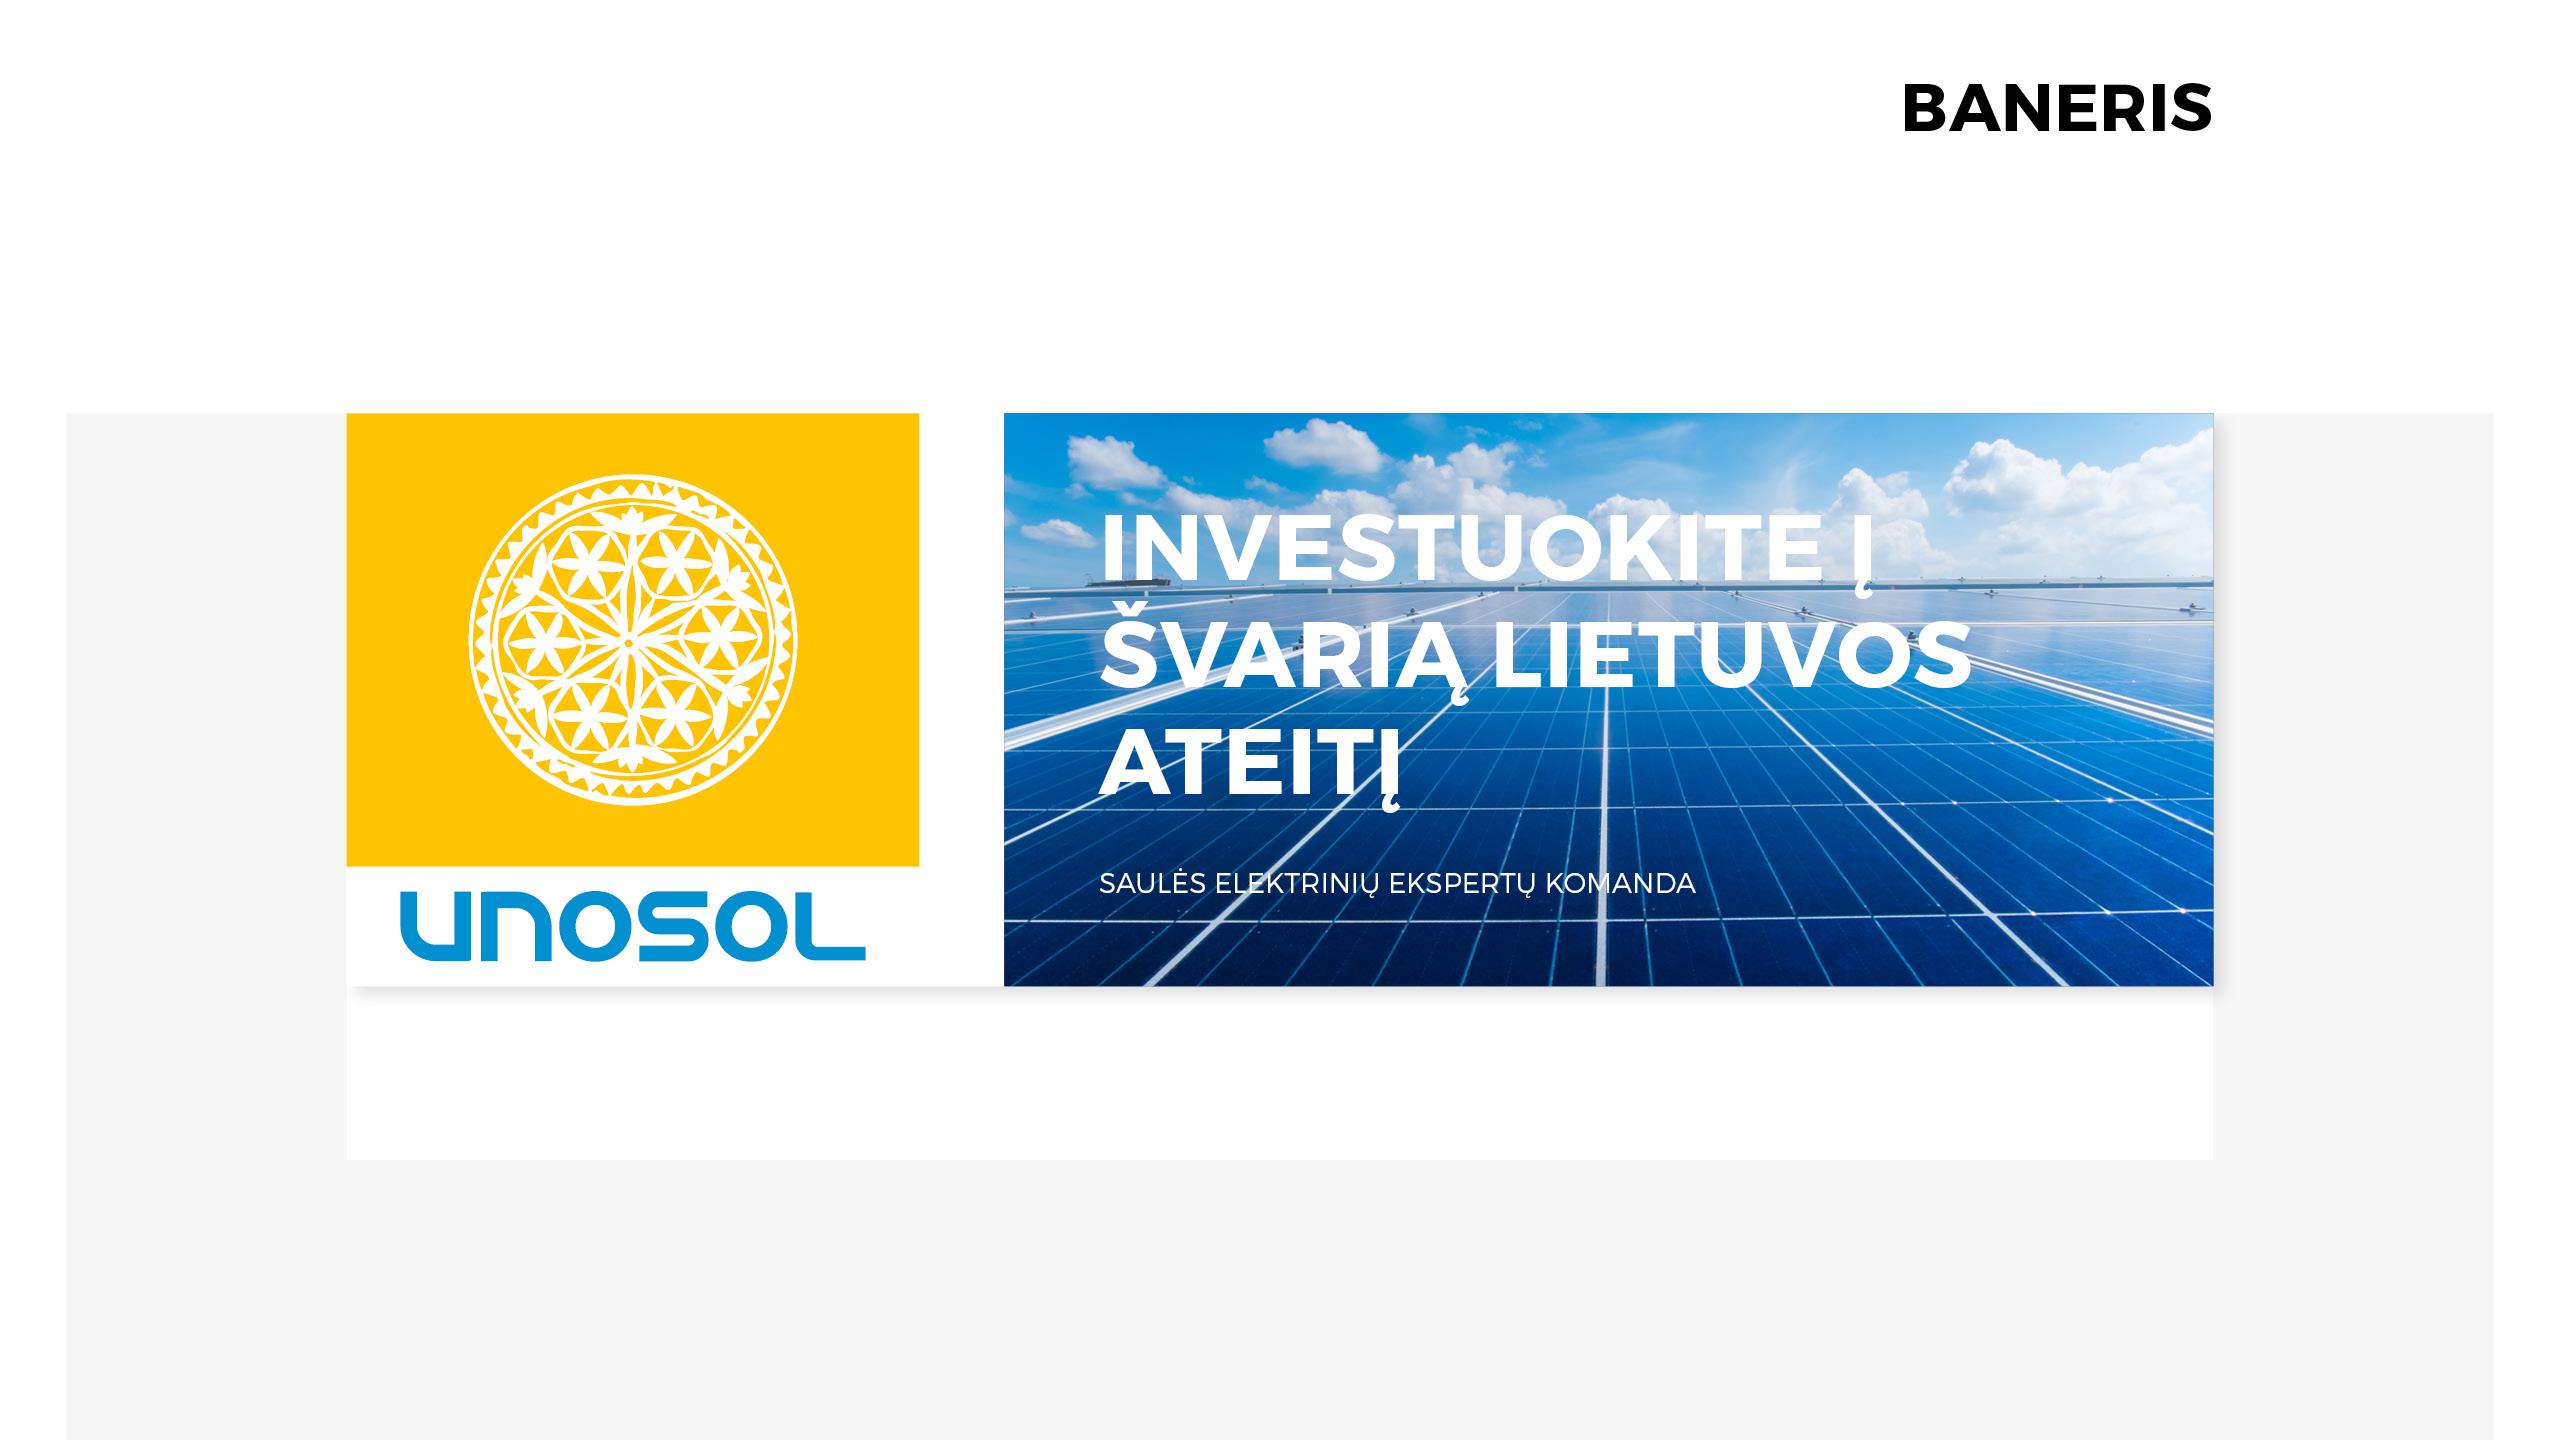 UNOSOL Vizualinio Identiteto vadovas 19 / Logobou design